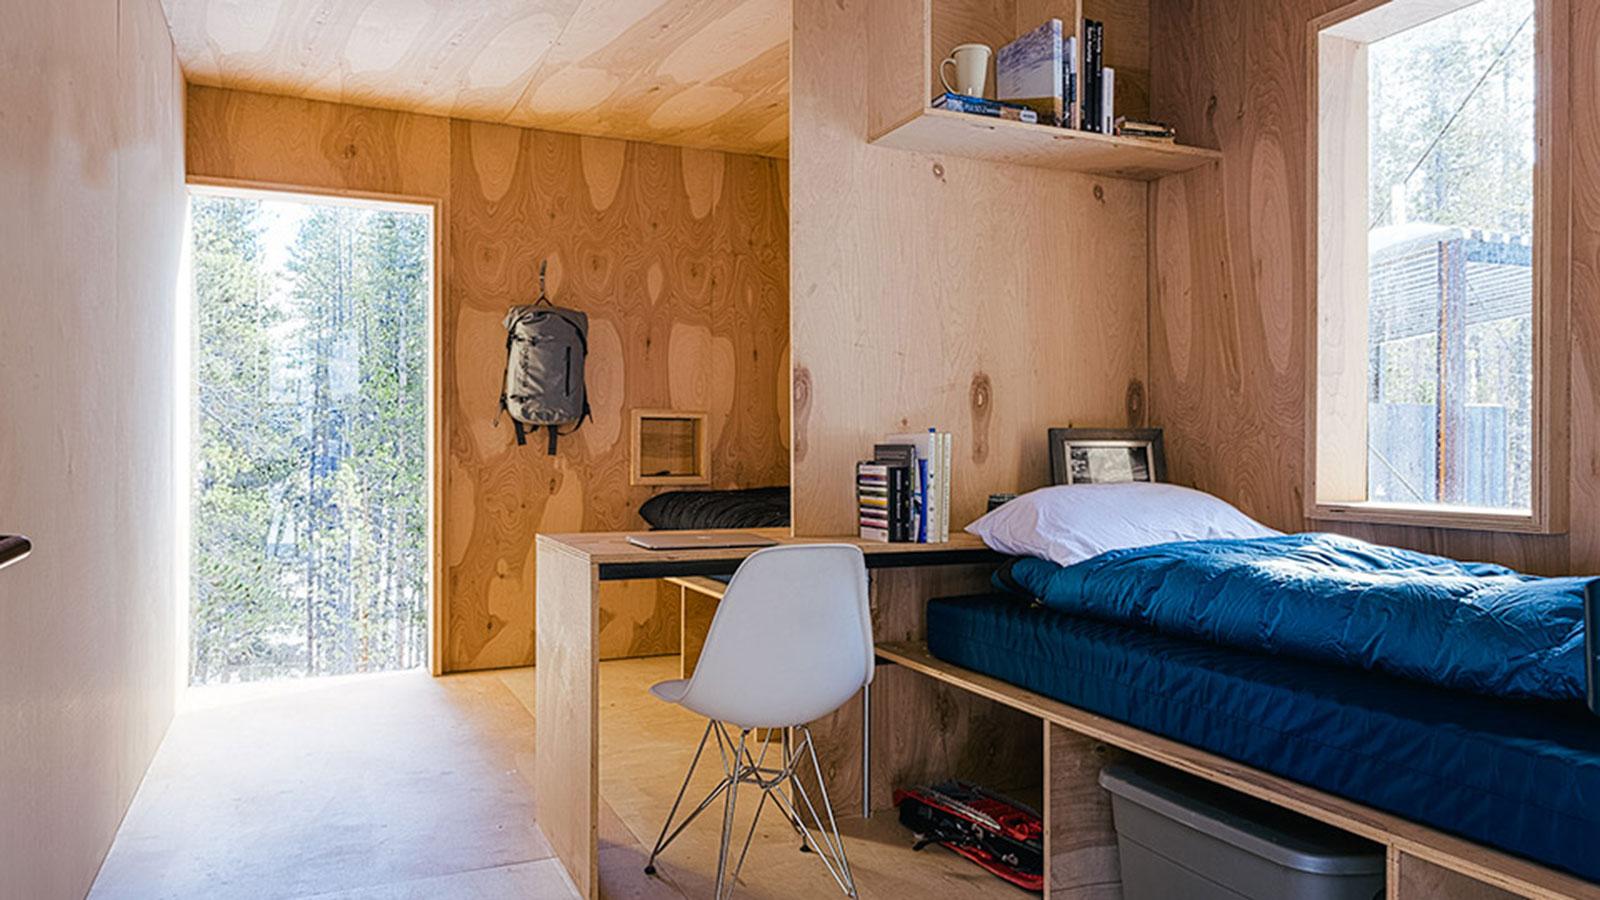 outward-bound-cabins-2